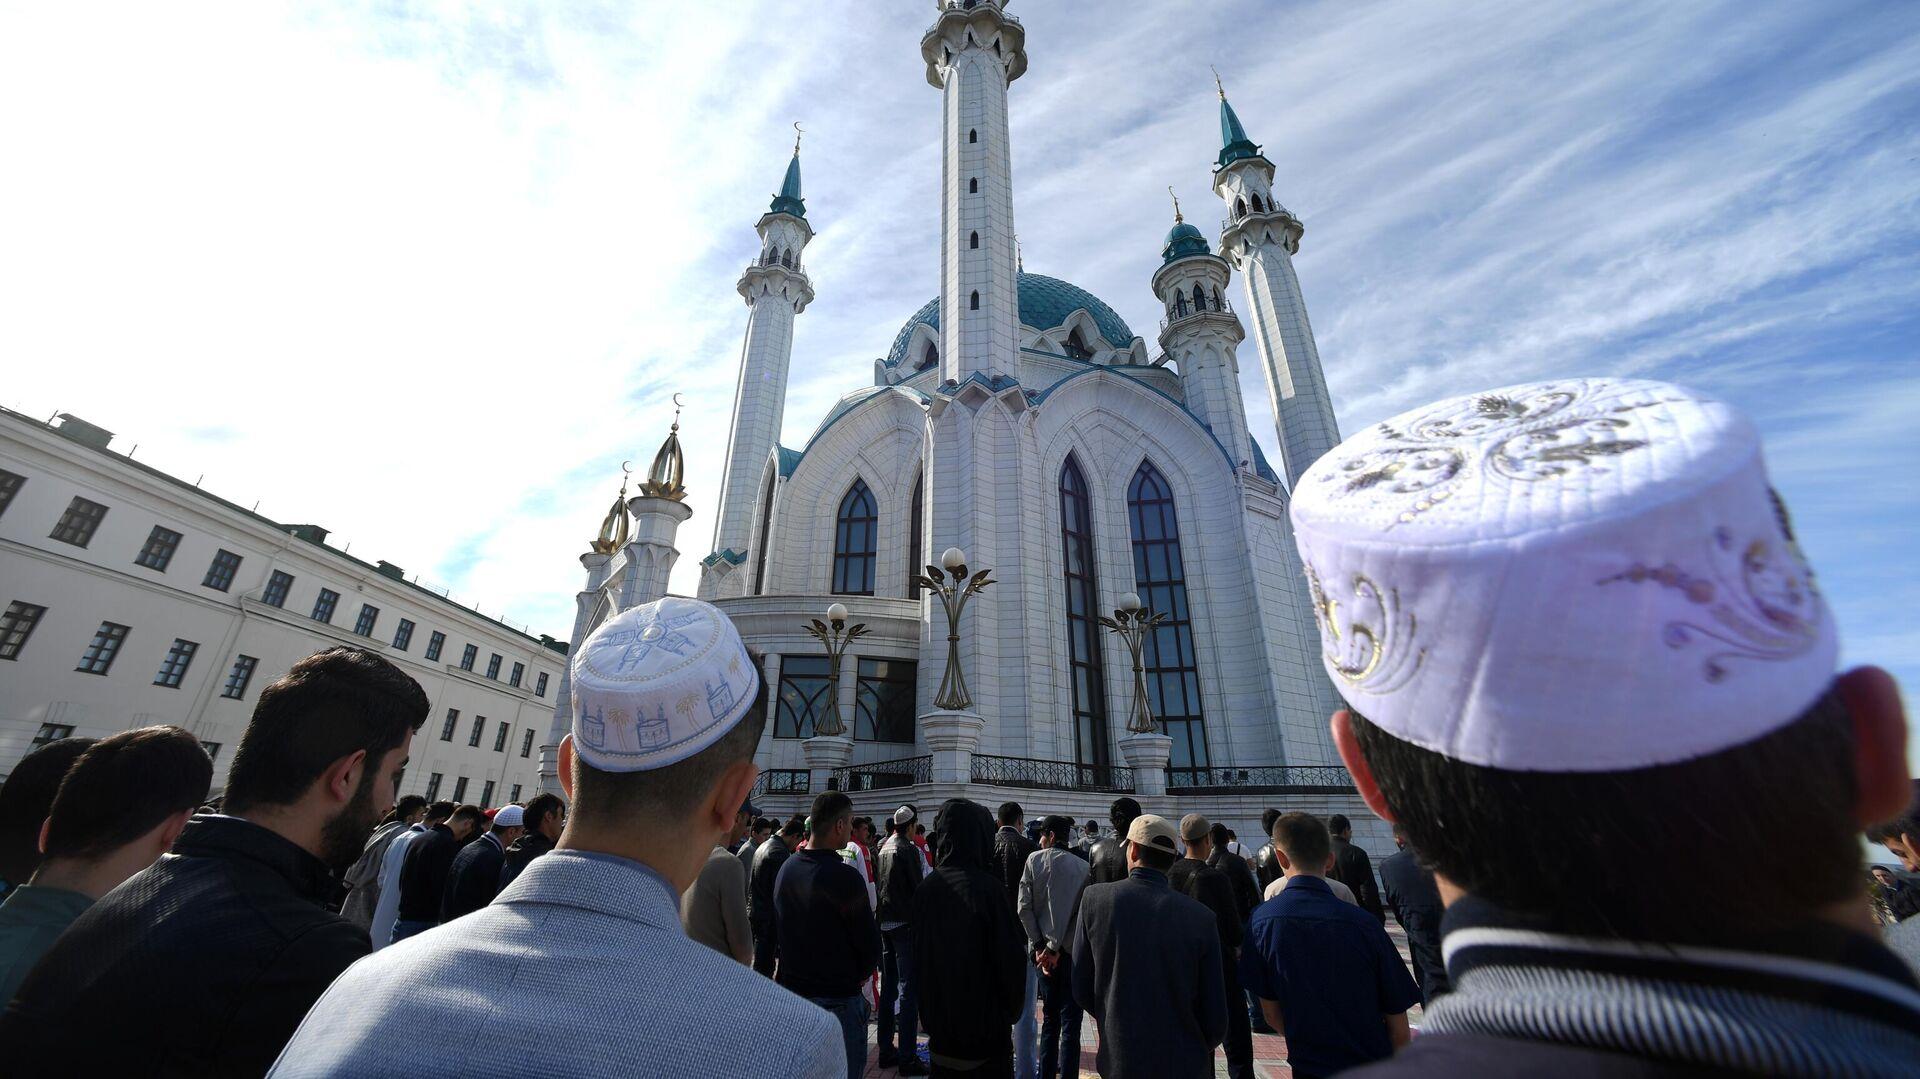 Мусульмане перед намазом в день праздника Ураза-байрам у мечети Кул-Шариф в Казани - РИА Новости, 1920, 12.05.2021